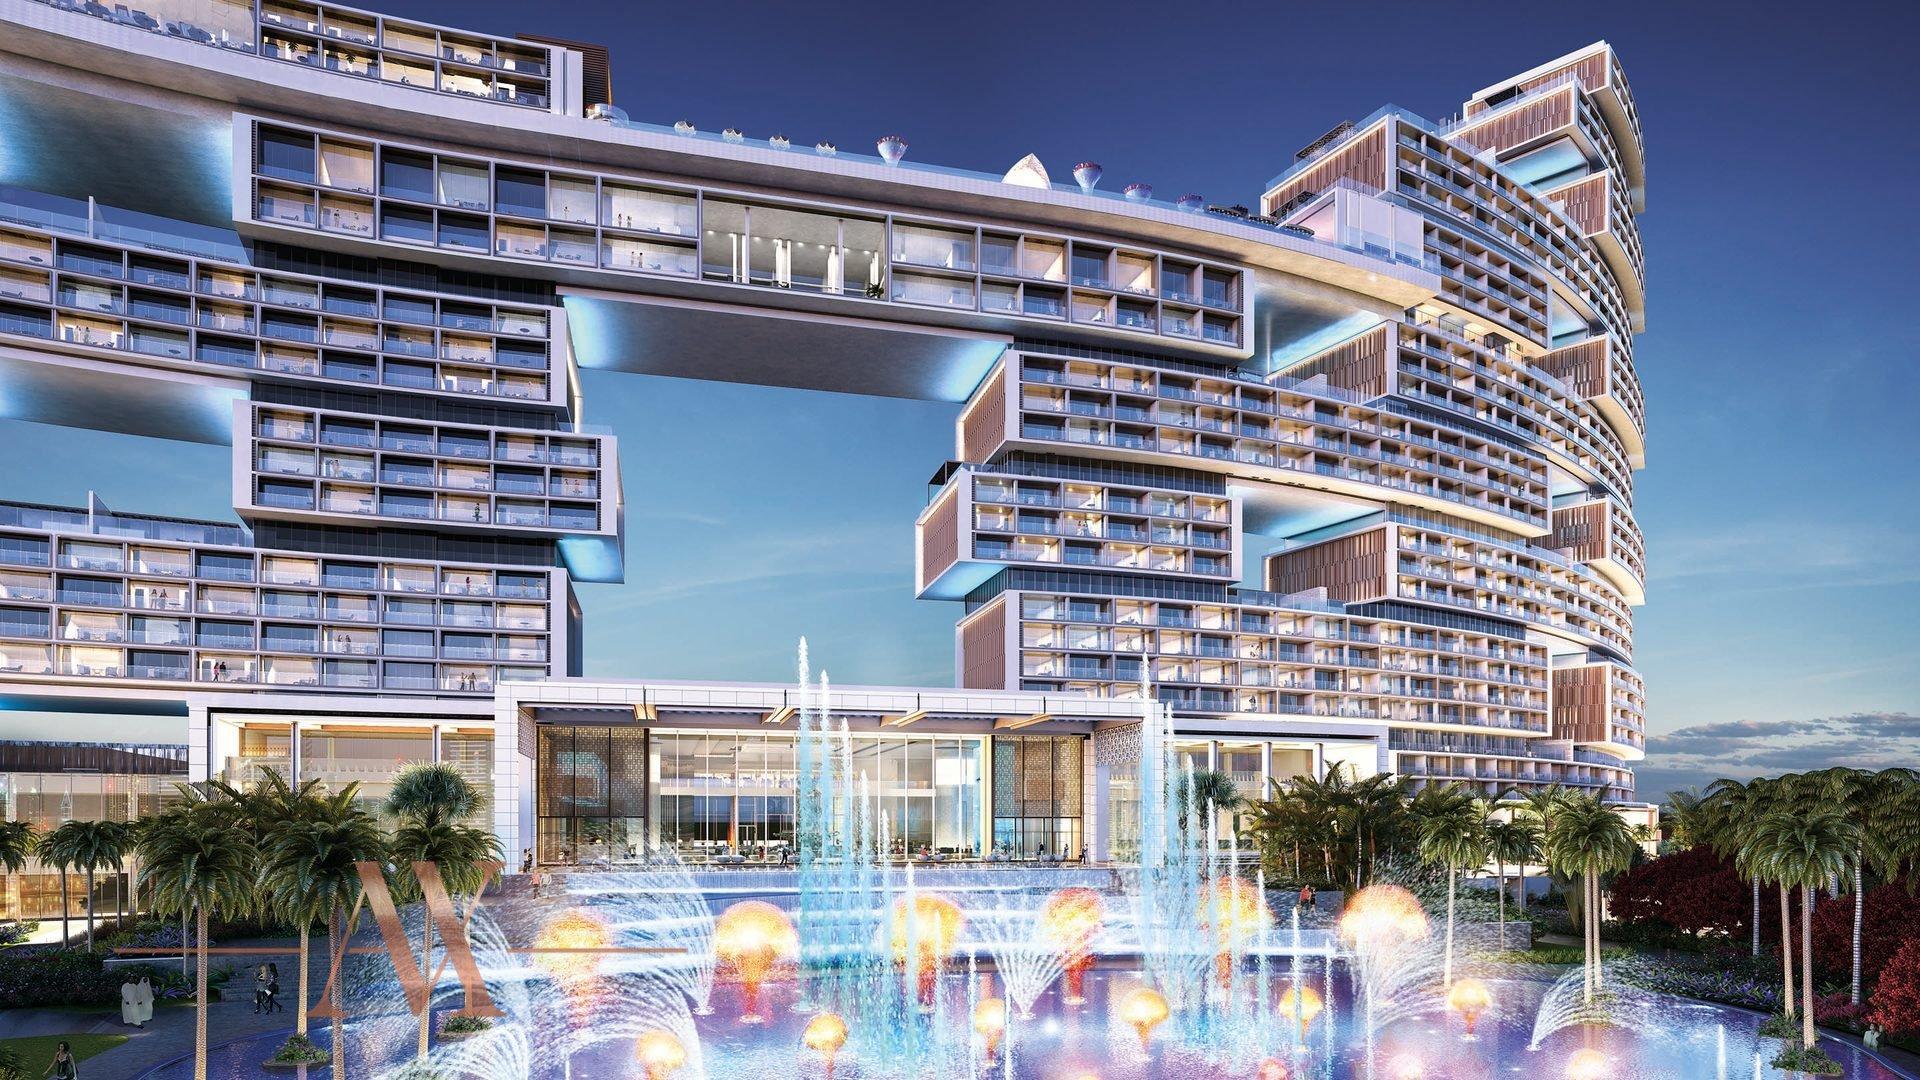 ROYAL ATLANTIS RESORT & RESIDENCES, Palm Jumeirah, Dubai, UAE – photo 9